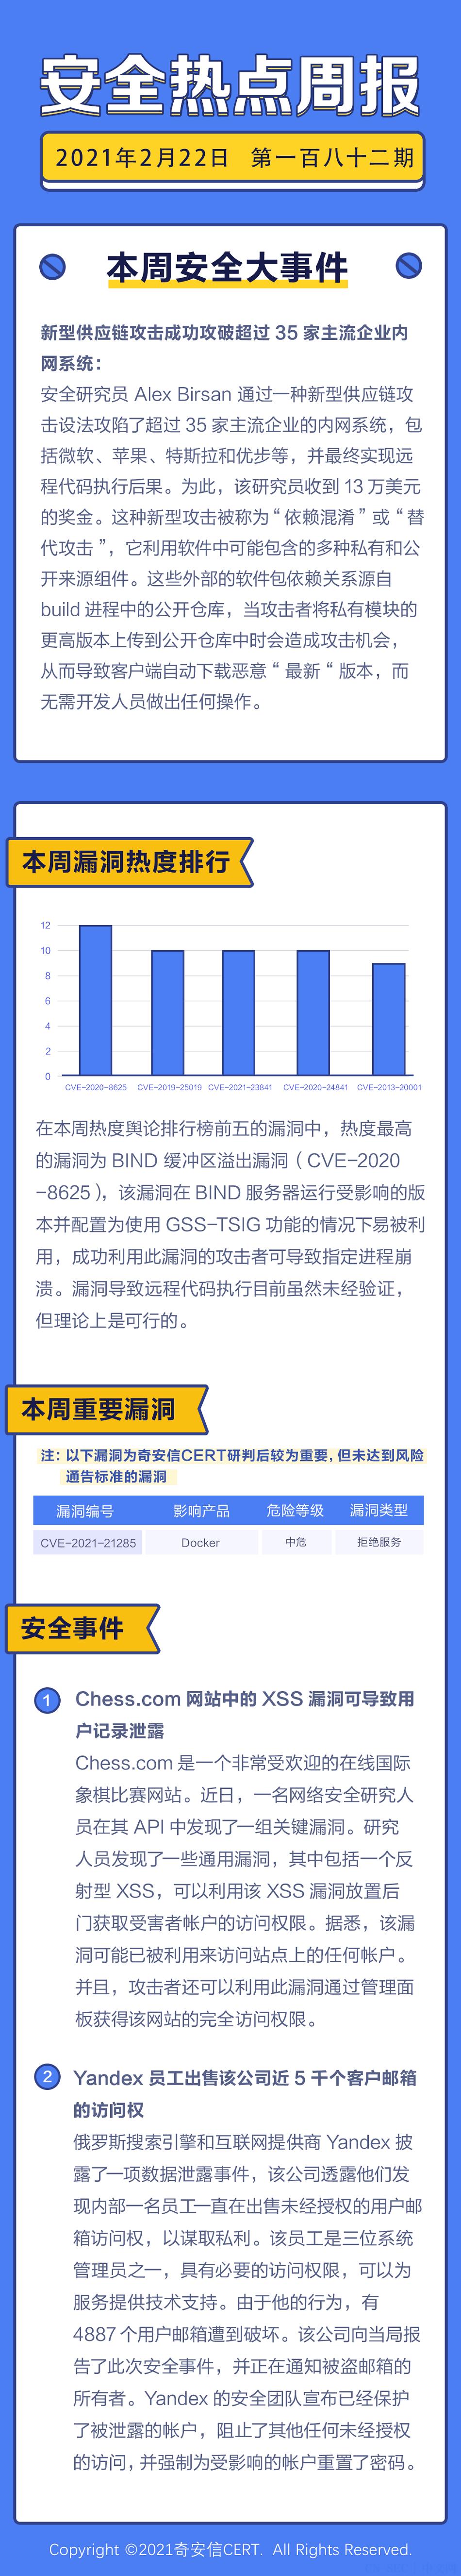 """【安全热点周报】第182期:""""依赖混淆""""新型供应链攻击,攻陷超过35家主流企业内网系统"""